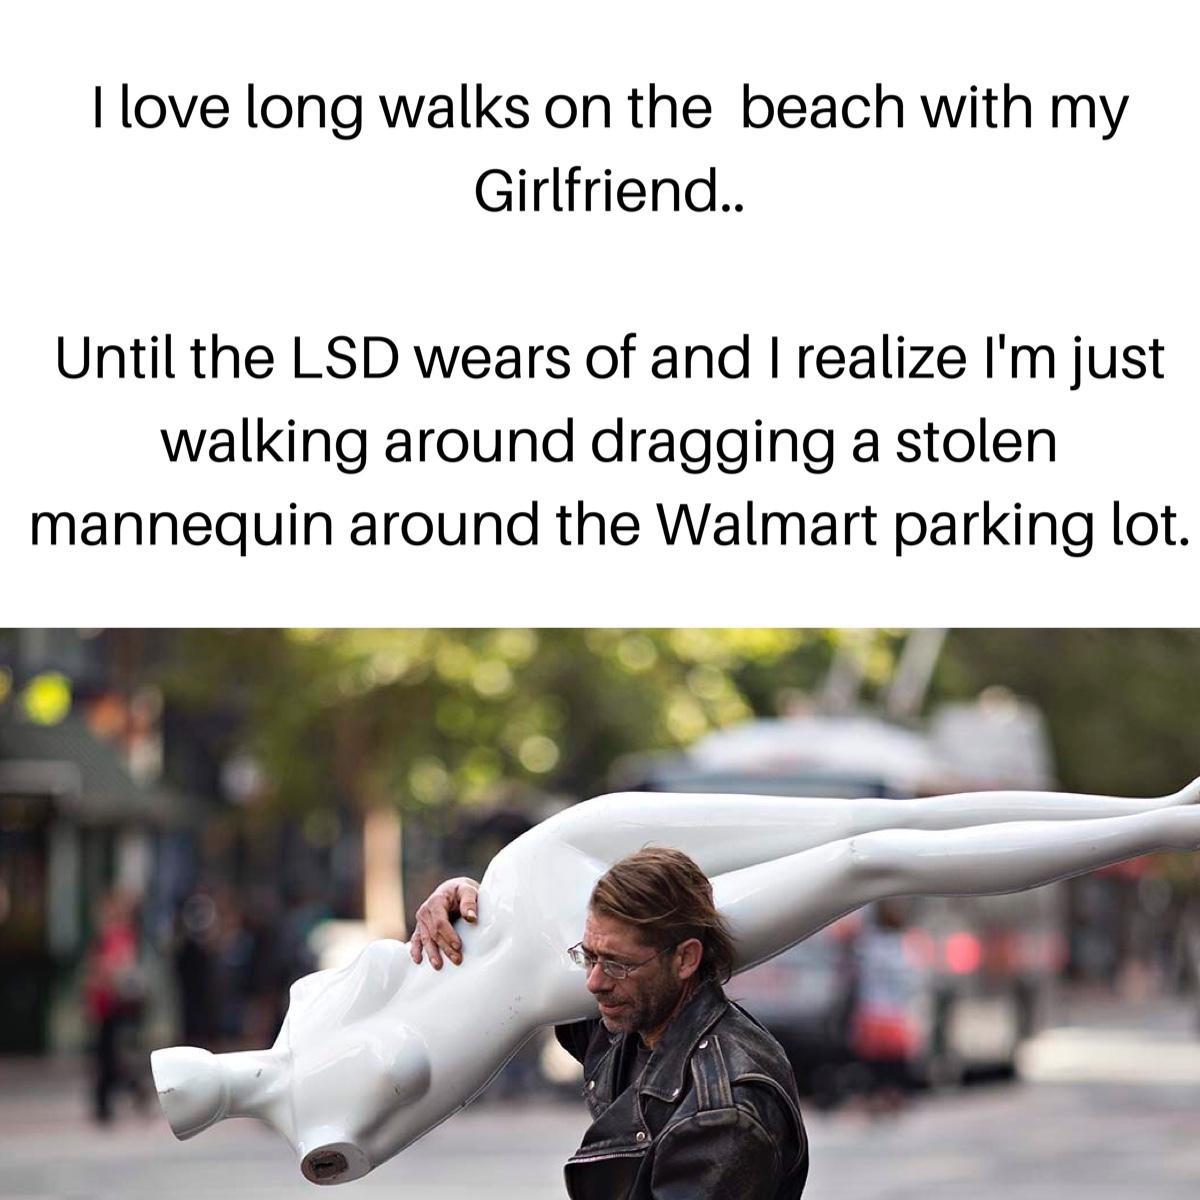 mannequin - meme